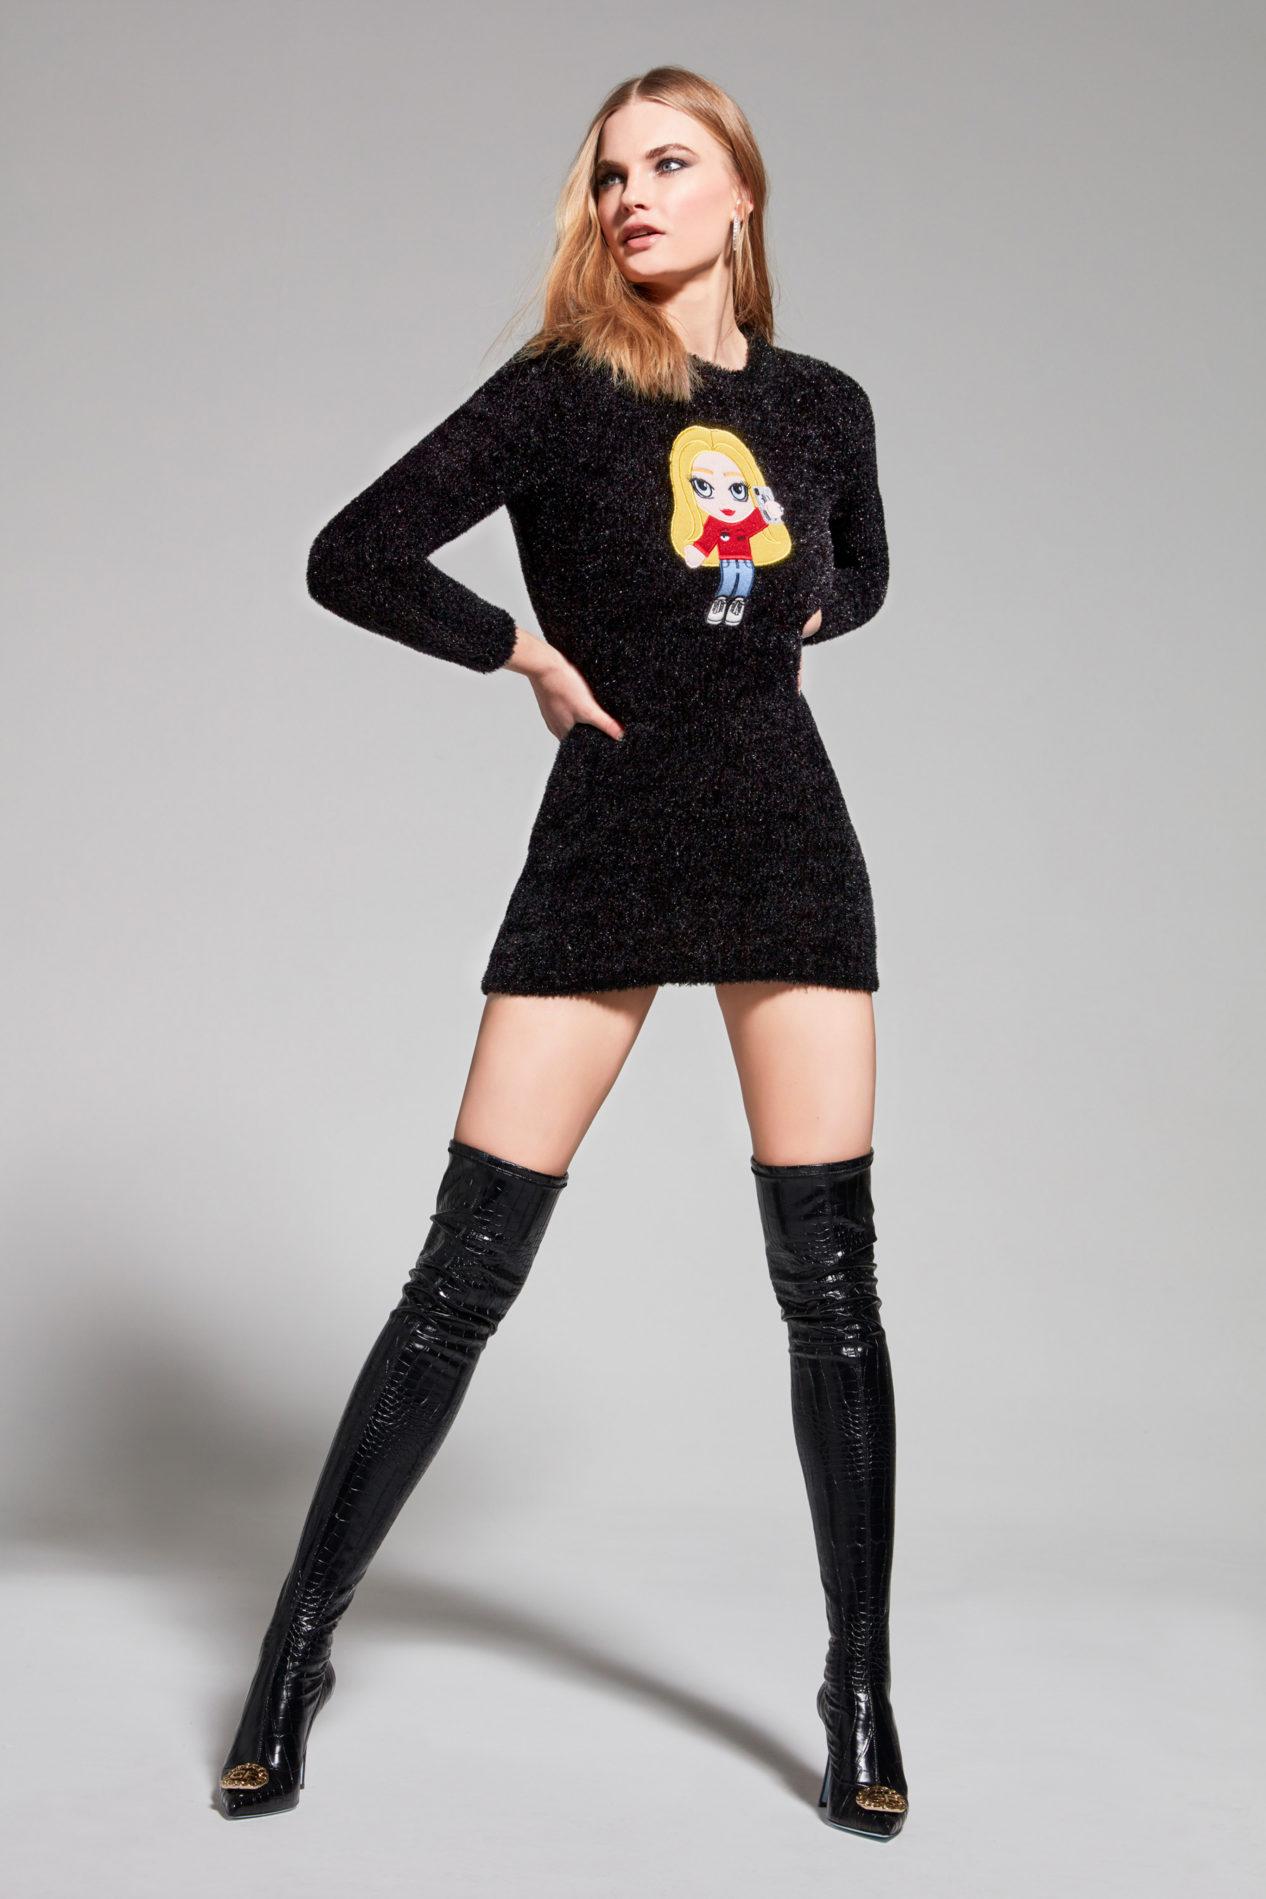 Узкое платье от Chiara Ferragni модель 2021 года